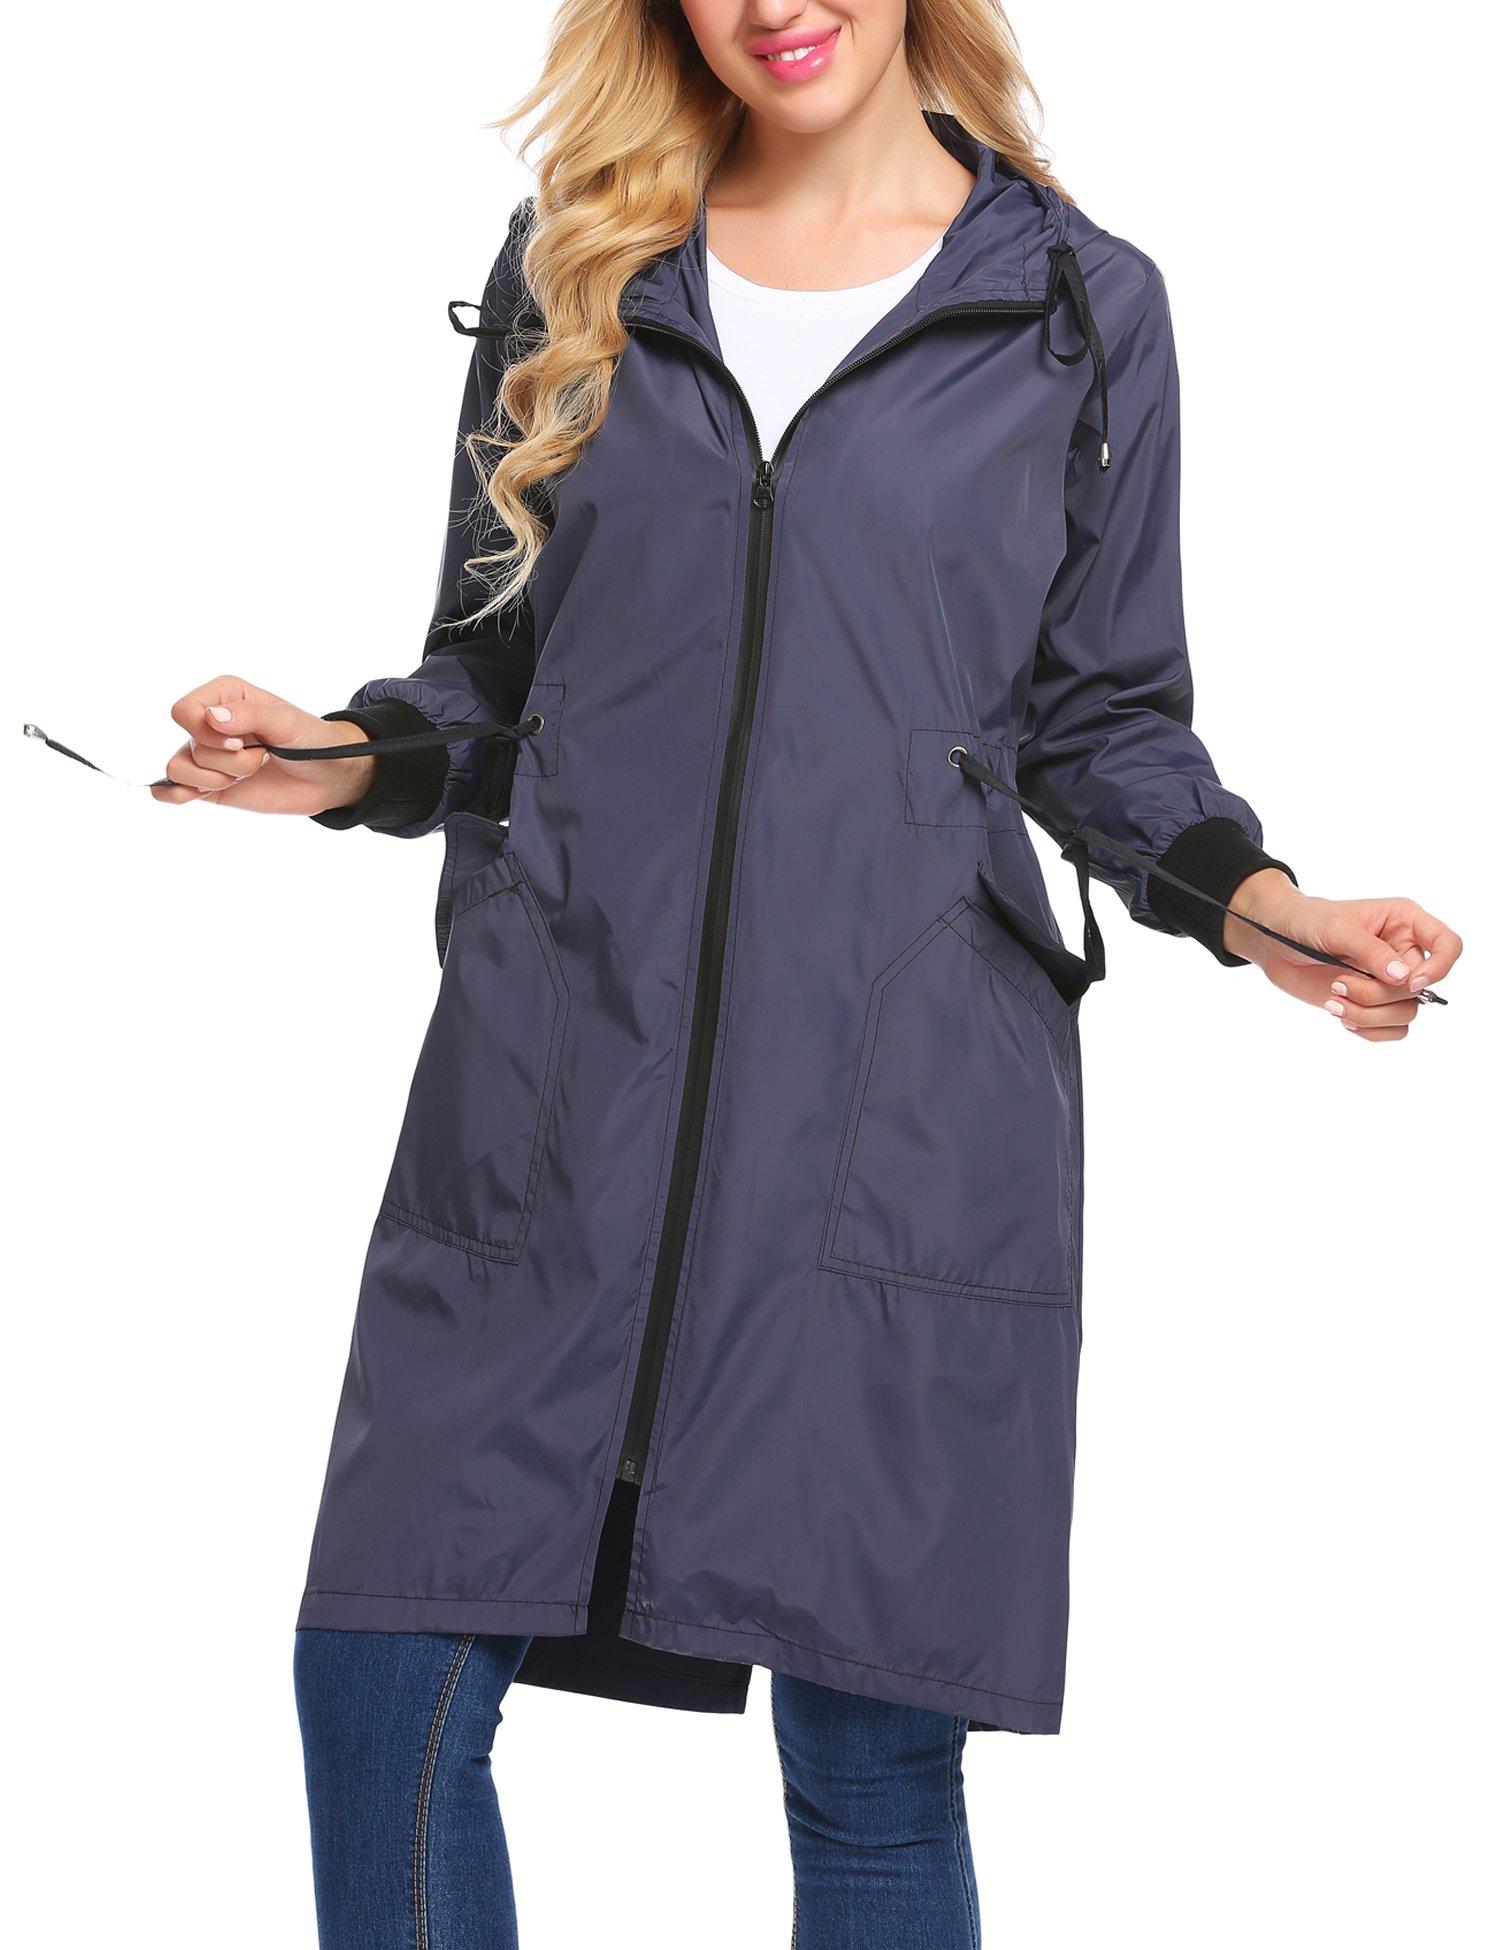 Zeagoo Long Raincoat Waterproof Lightweight Rain Jacket Women Hooded Windbreaker